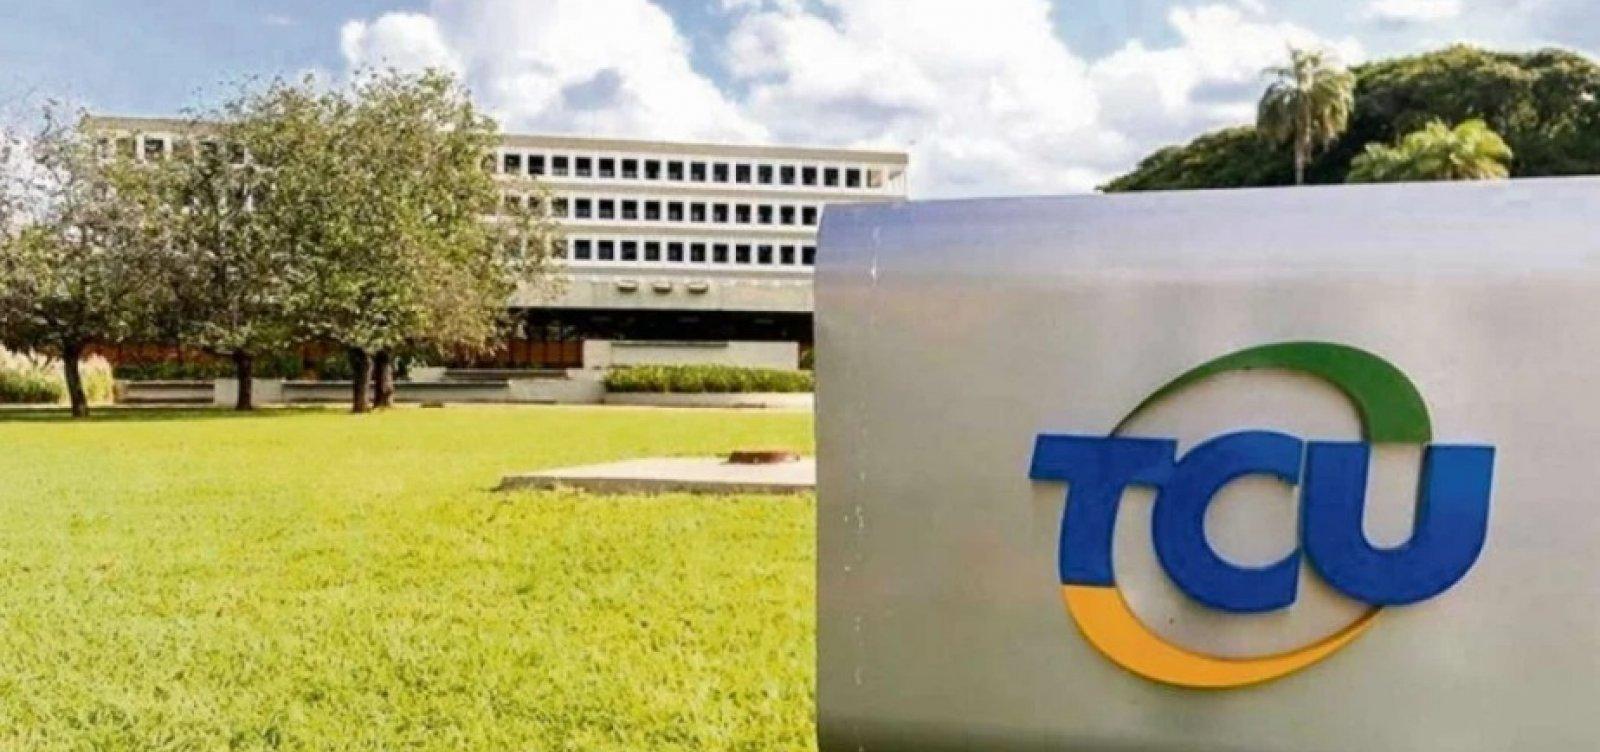 Quem em Belterra, Mojuí, Aveiro e Itaituba não pode ser candidato, segundo o TCU